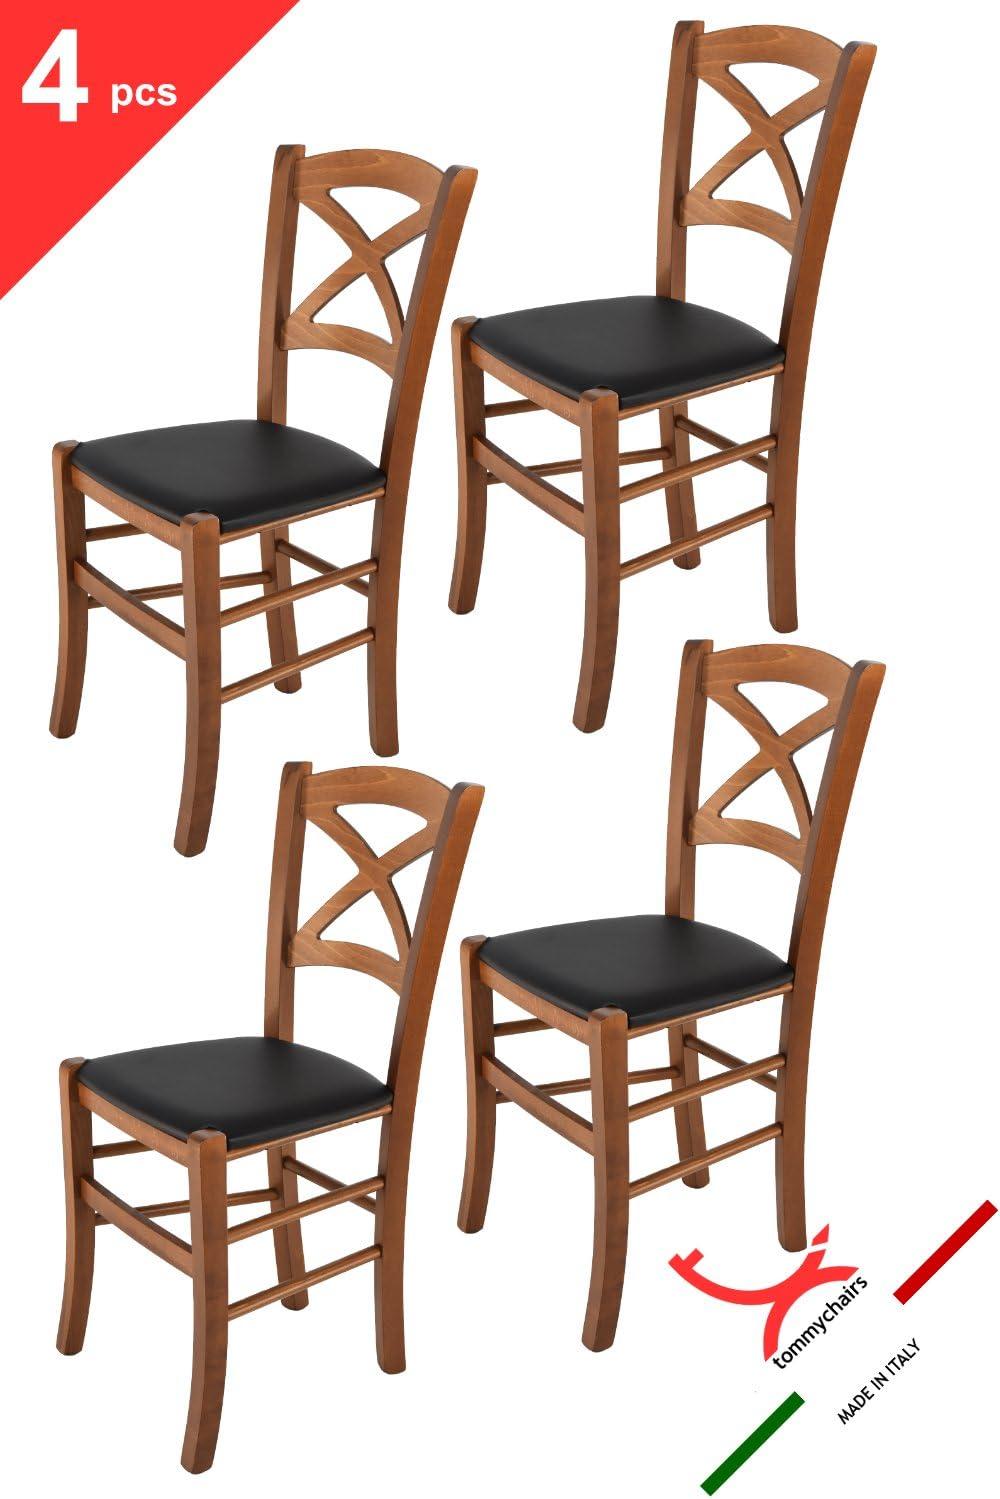 Tommychairs Chaise du Design avec Structure en Bois Coleur Noix et Une Assise en Cuir Artificiel Coleur Noir Bar et la Salle /à Manger Set de 4 chaises Cross pour la Cuisine